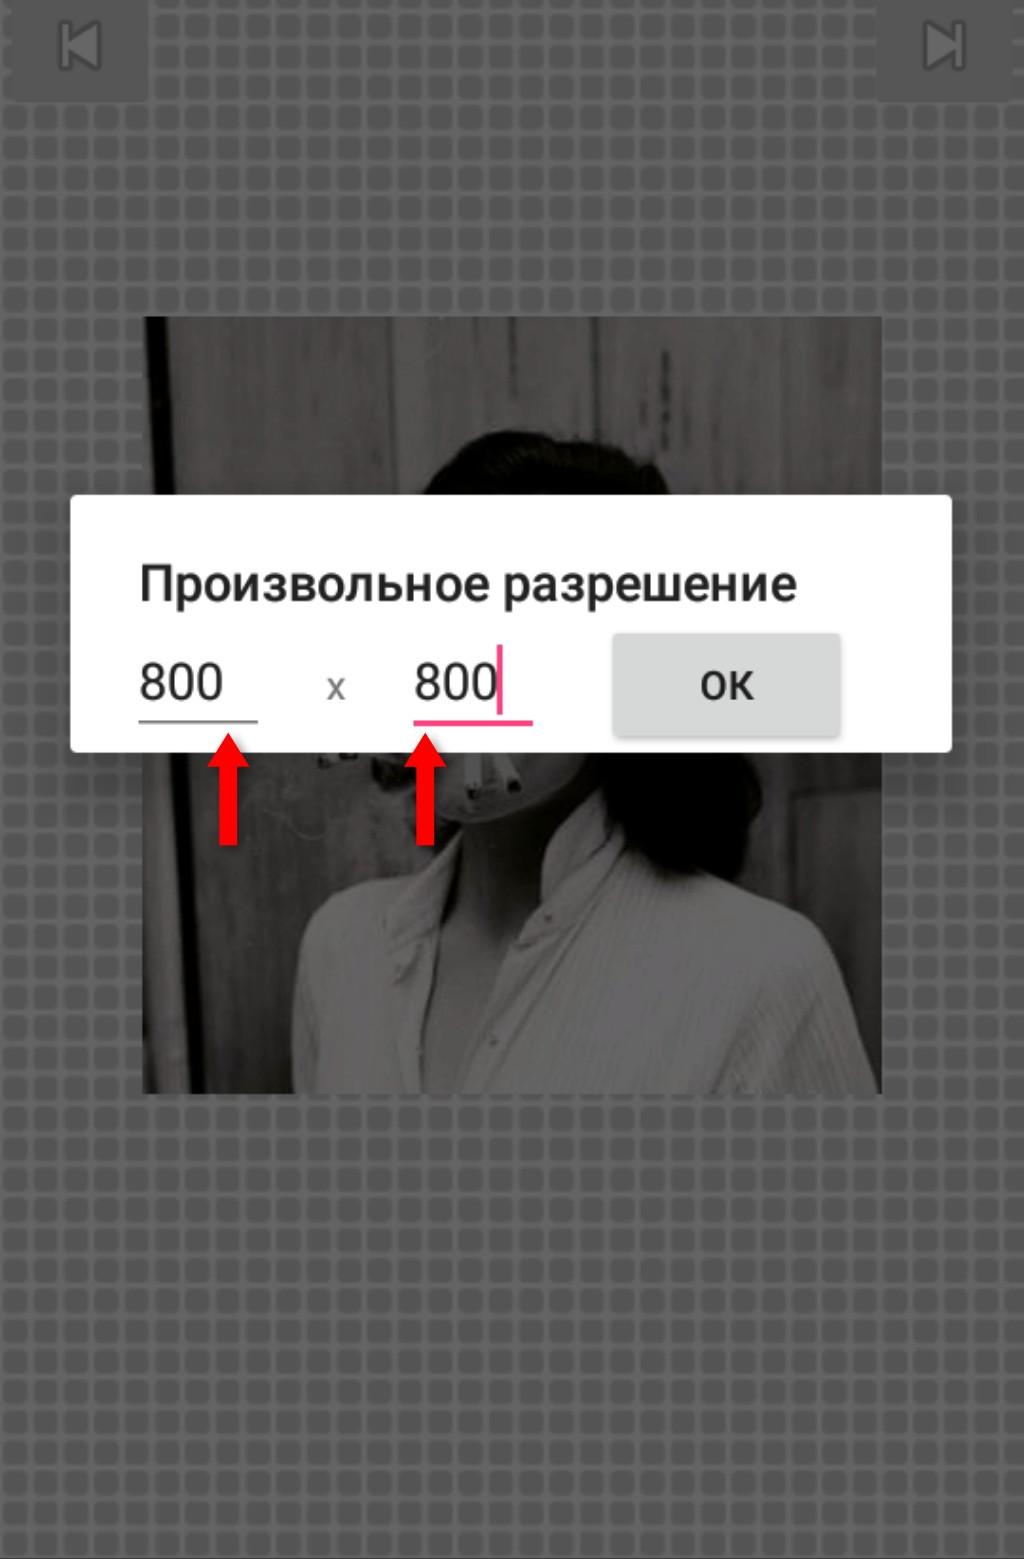 InFrame_1629674710642.jpg